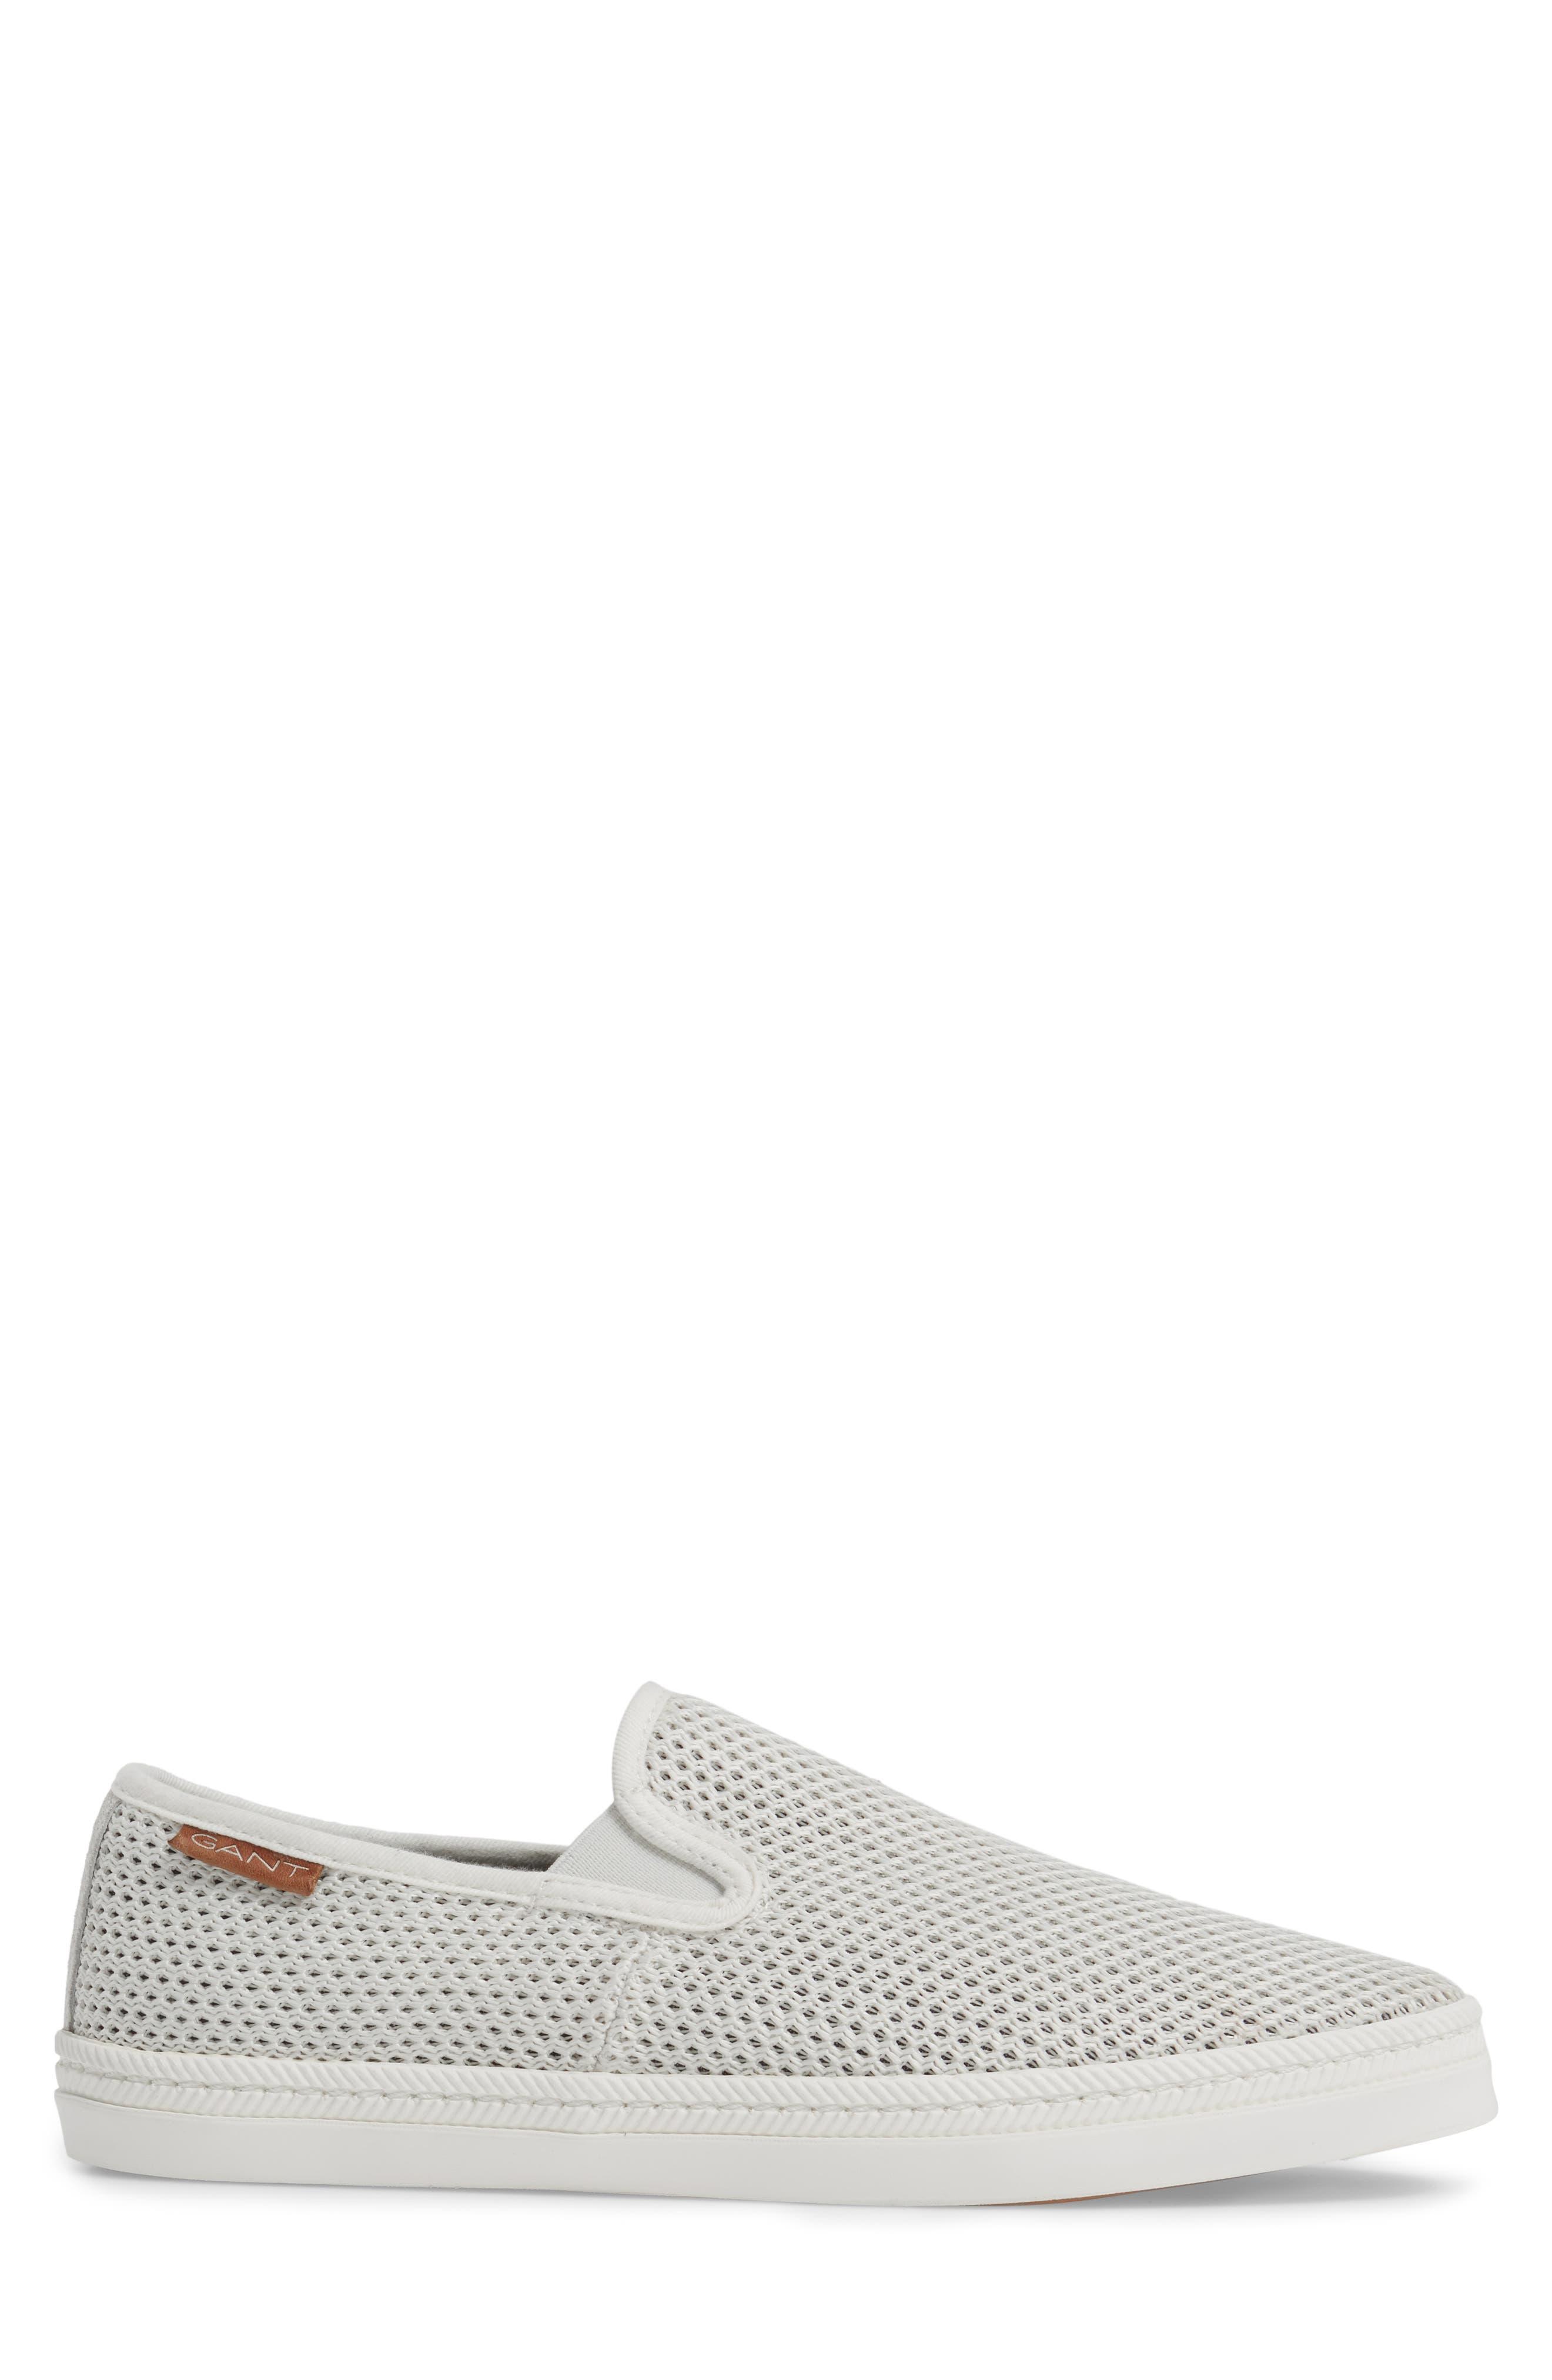 Delray Woven Slip-On Sneaker,                             Alternate thumbnail 3, color,                             Bone Beige Fabric